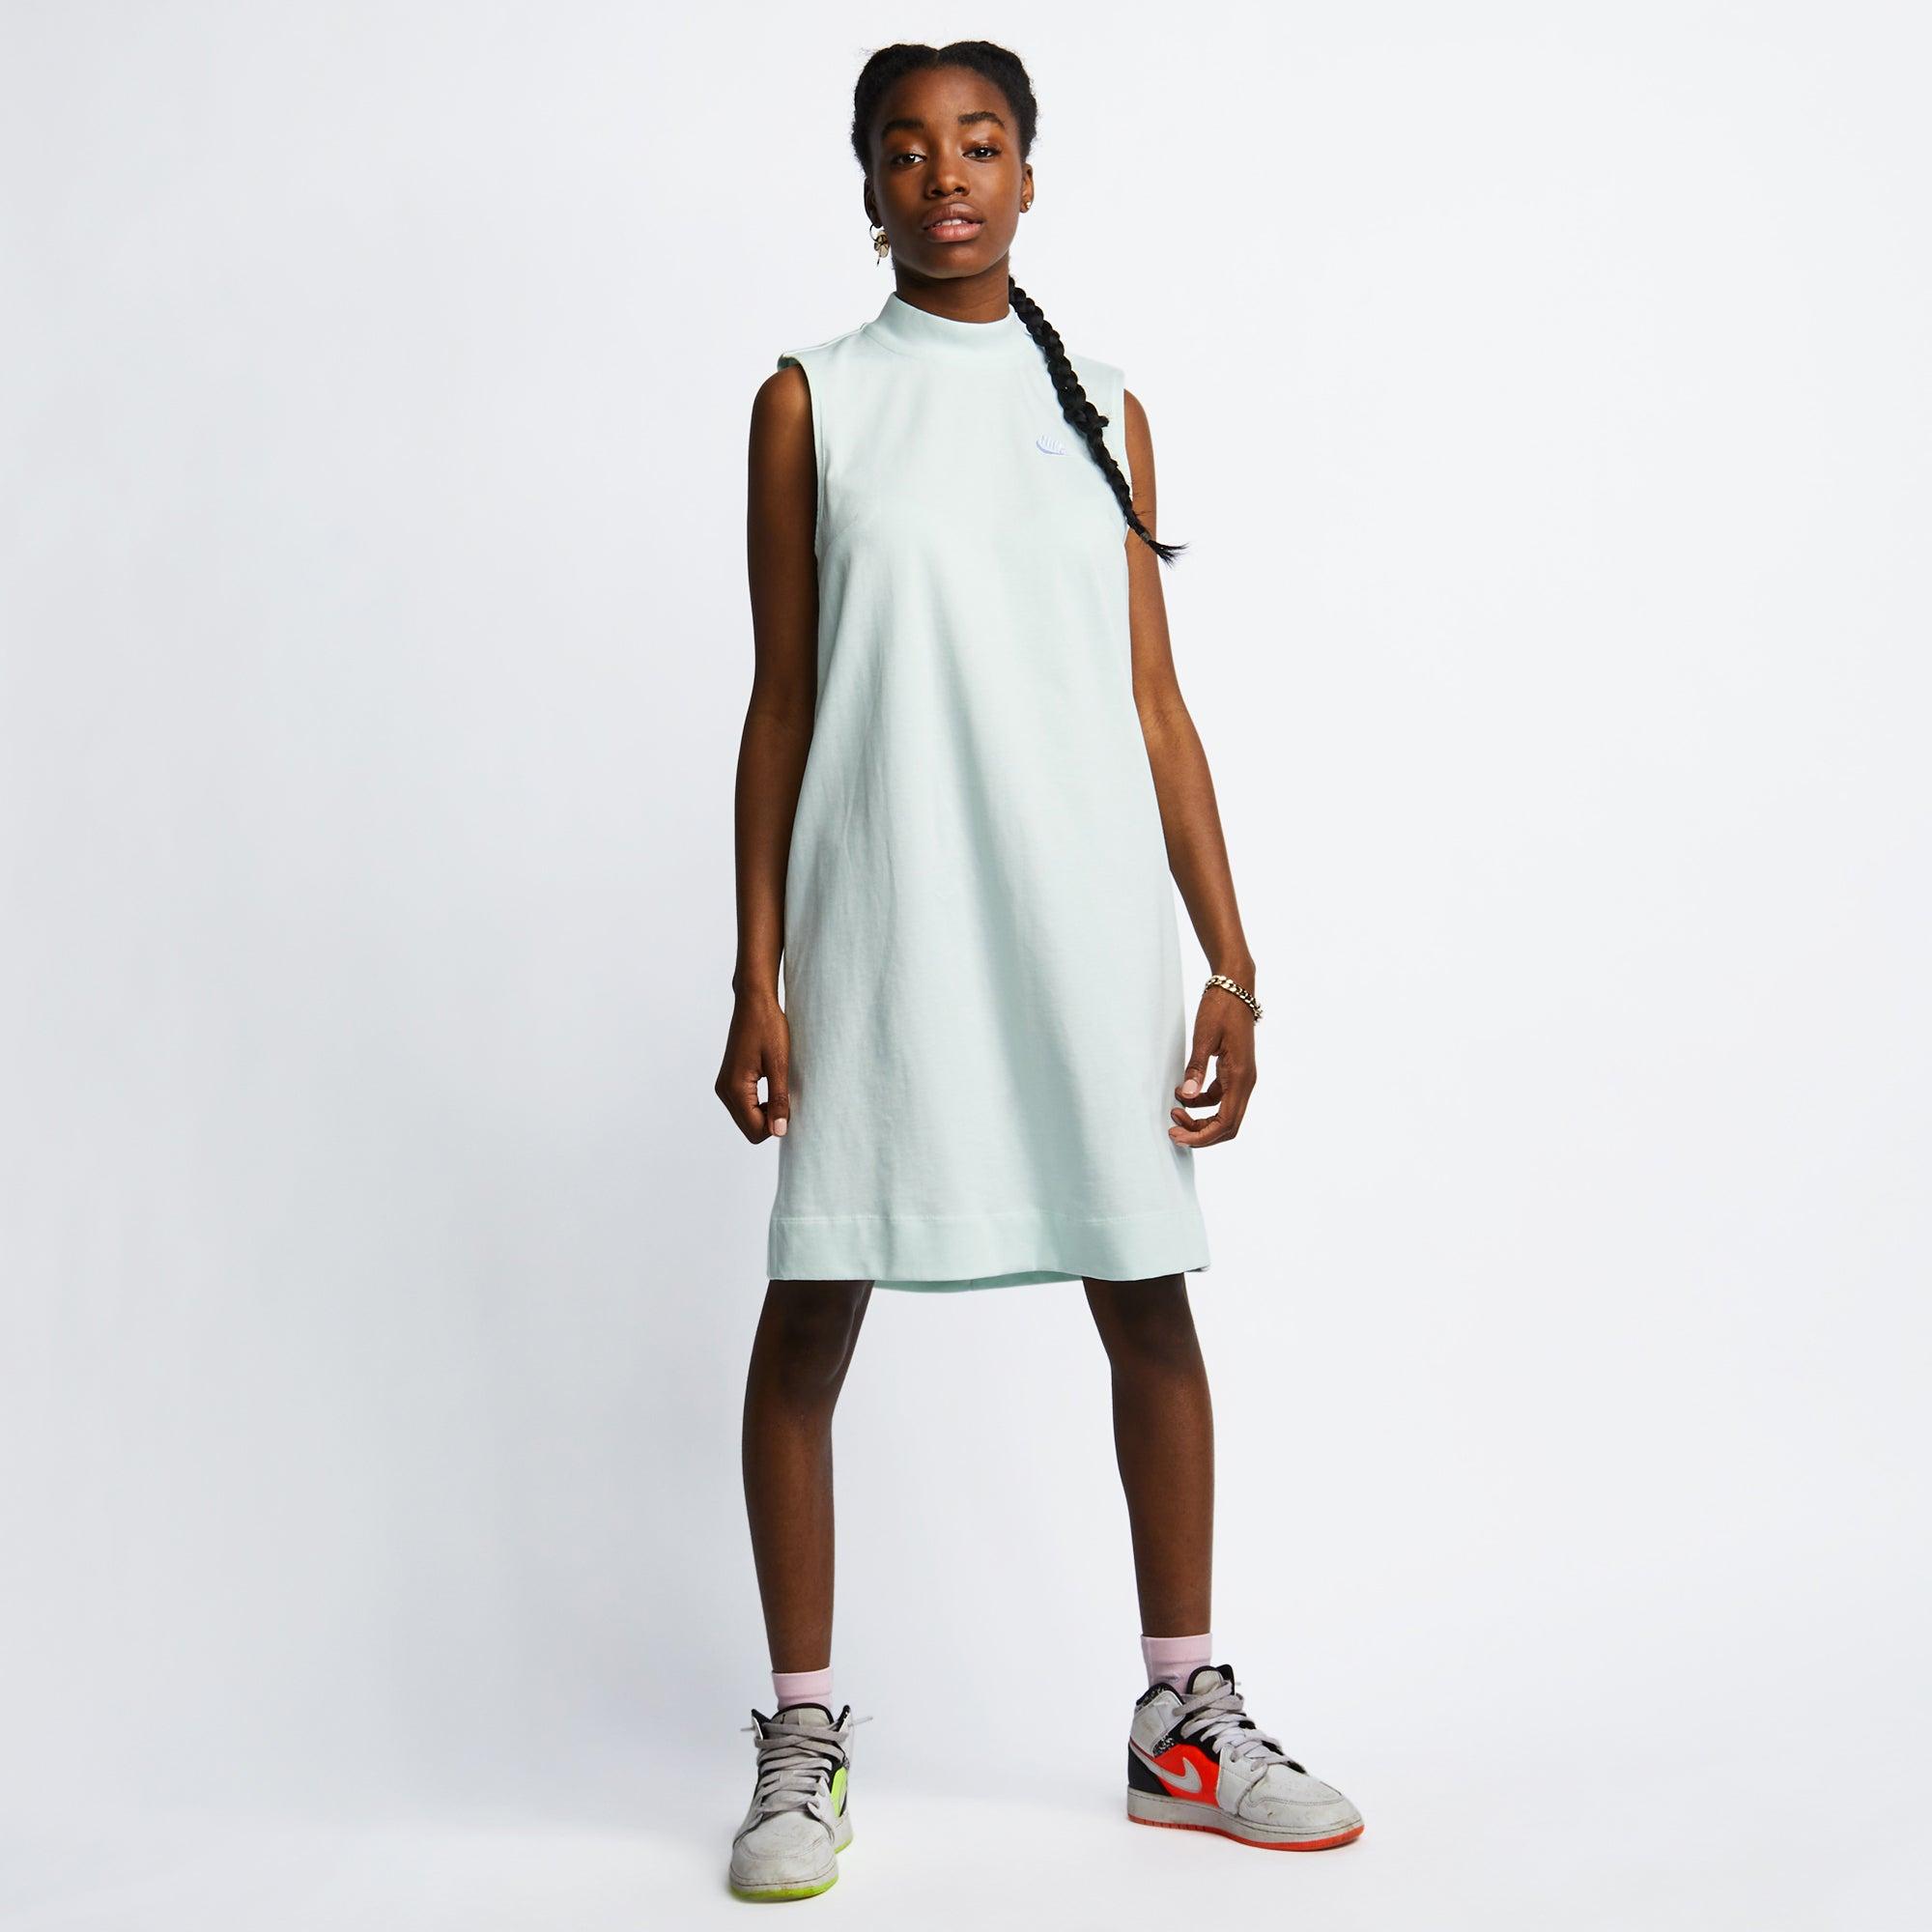 Nike Icon Clash - Women Dresses - Image 1 of 4 Enlarged Image